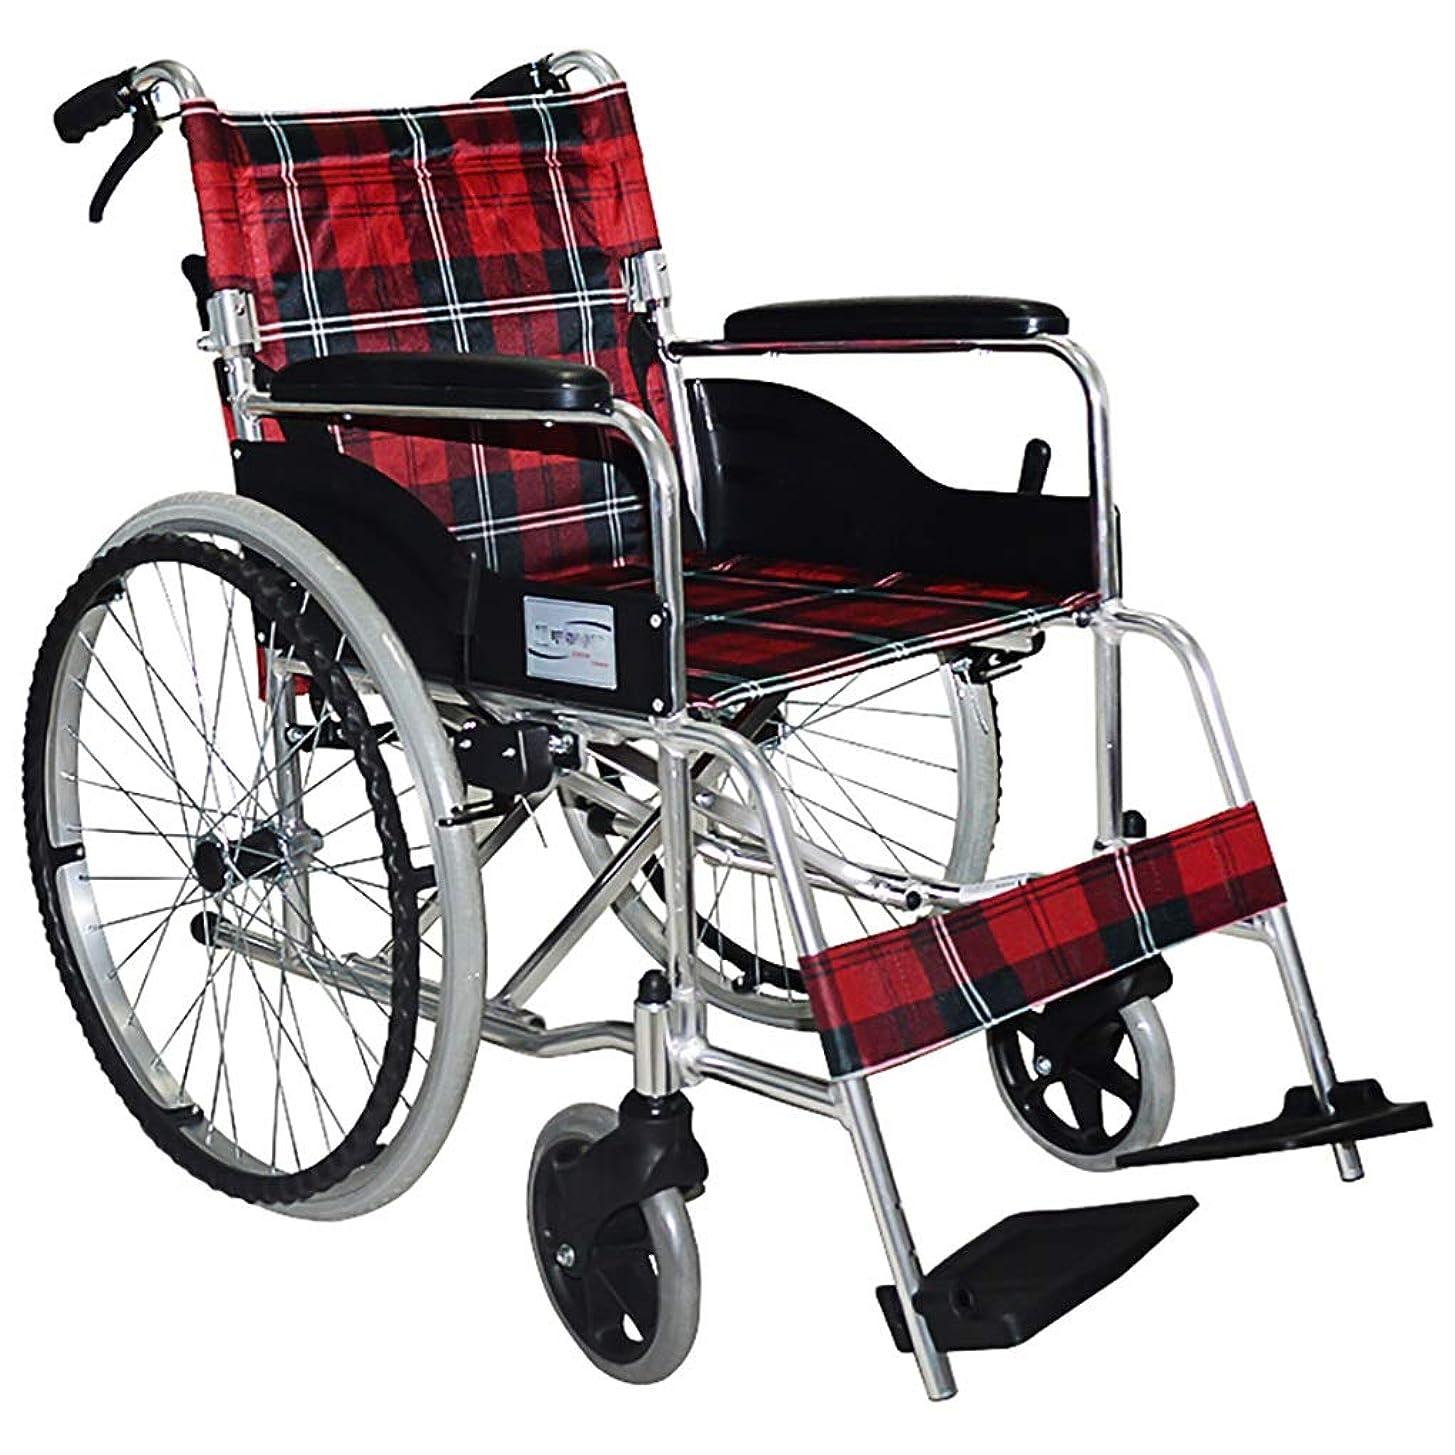 スペクトラム農学ダニJJJJD 車椅子自走式車椅子携帯用ウェイタープッシュ取り外し可能なアルミ合金軽量折りたたみ輸送用トラベルエイド